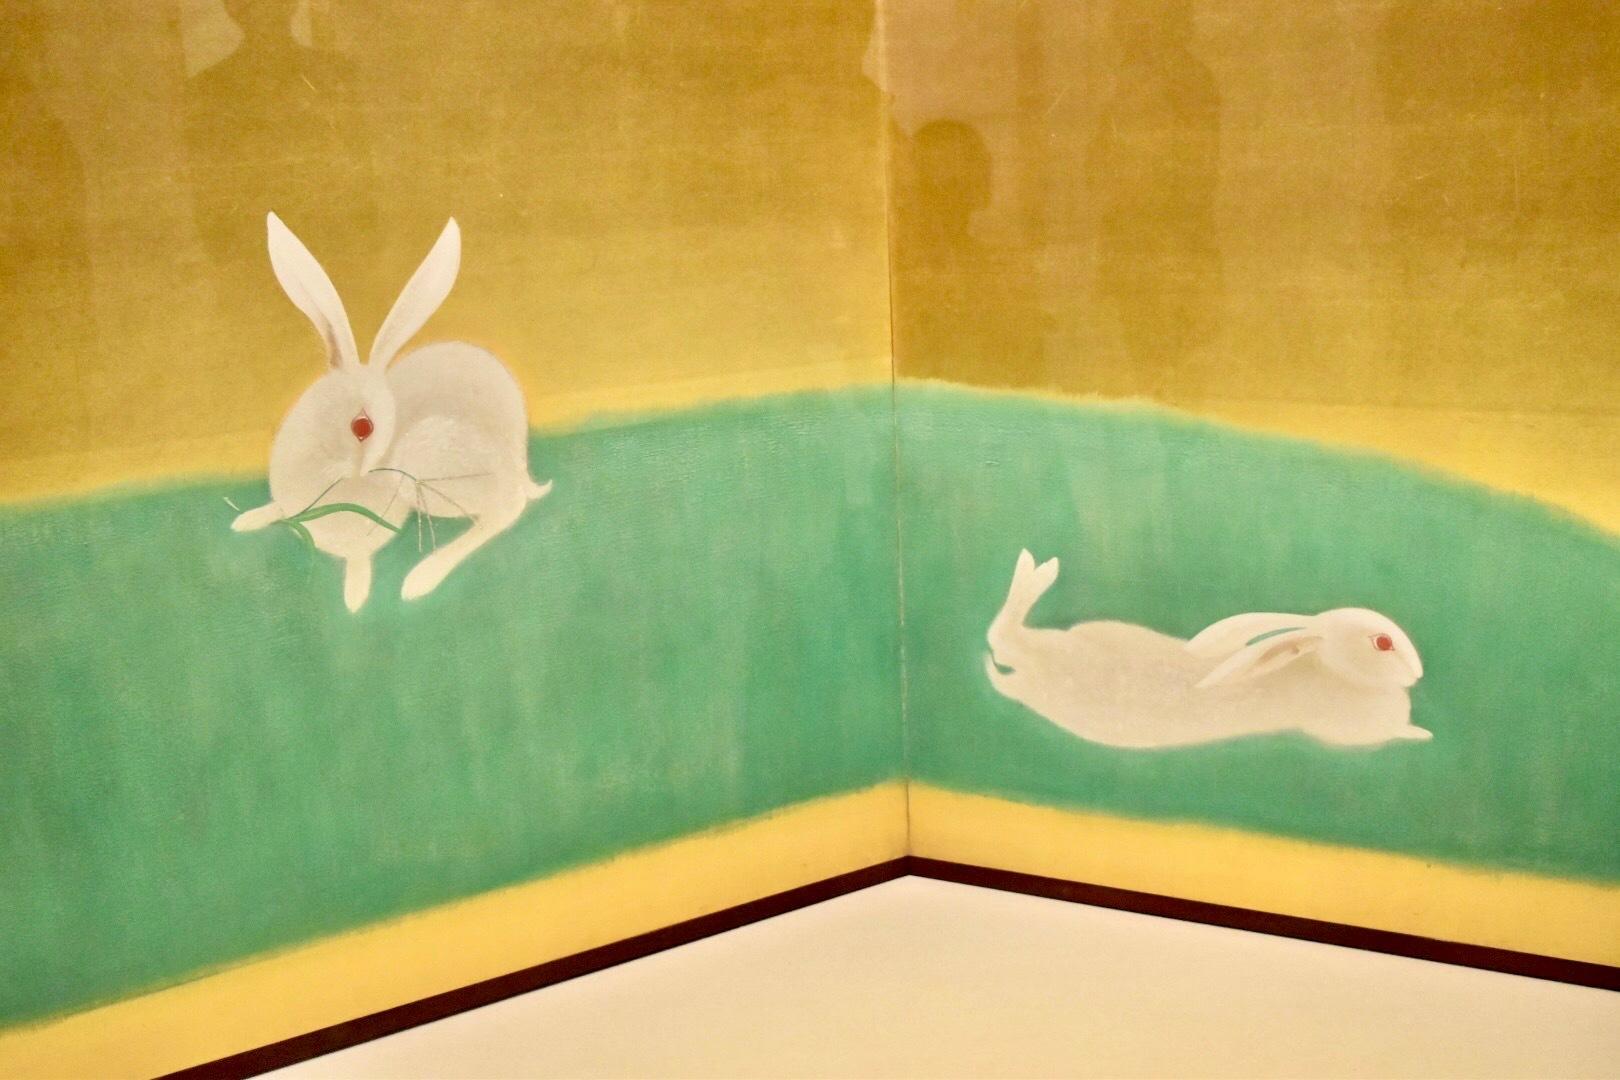 速水御舟 《翠苔緑芝》(部分) 1928(昭和3)年 山種美術館蔵